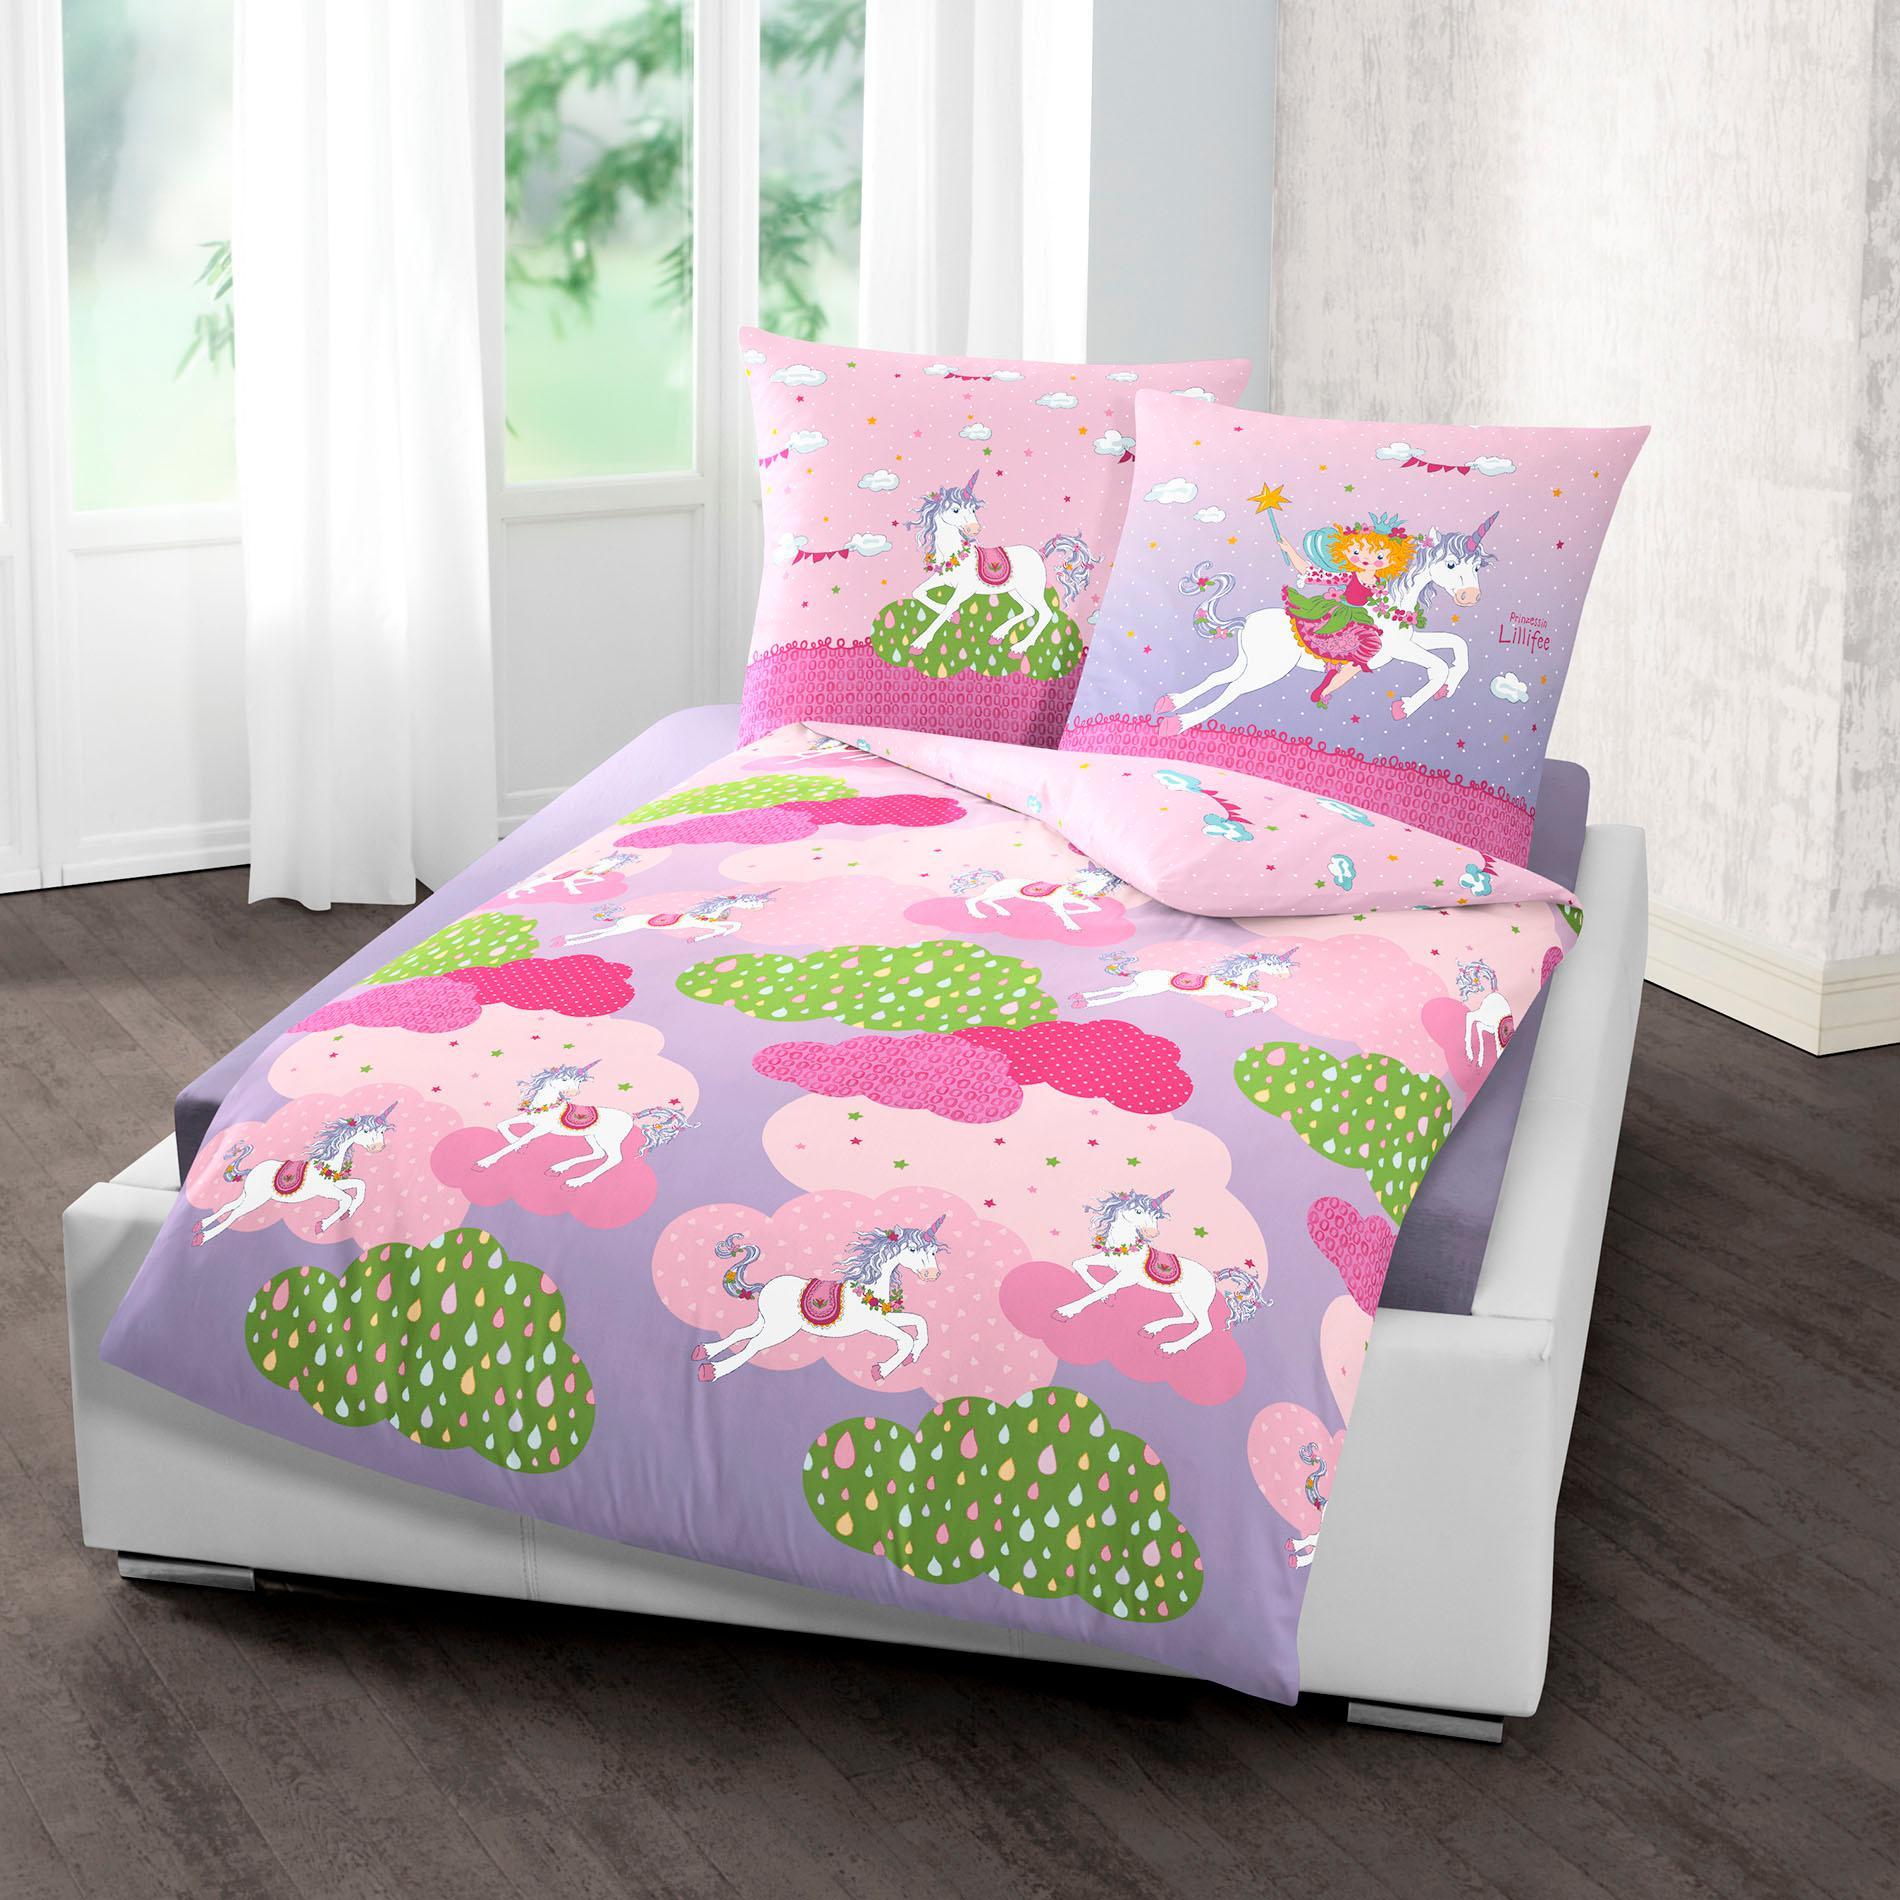 Kinderbettwäsche Einhorn Prinzessin Lillifee